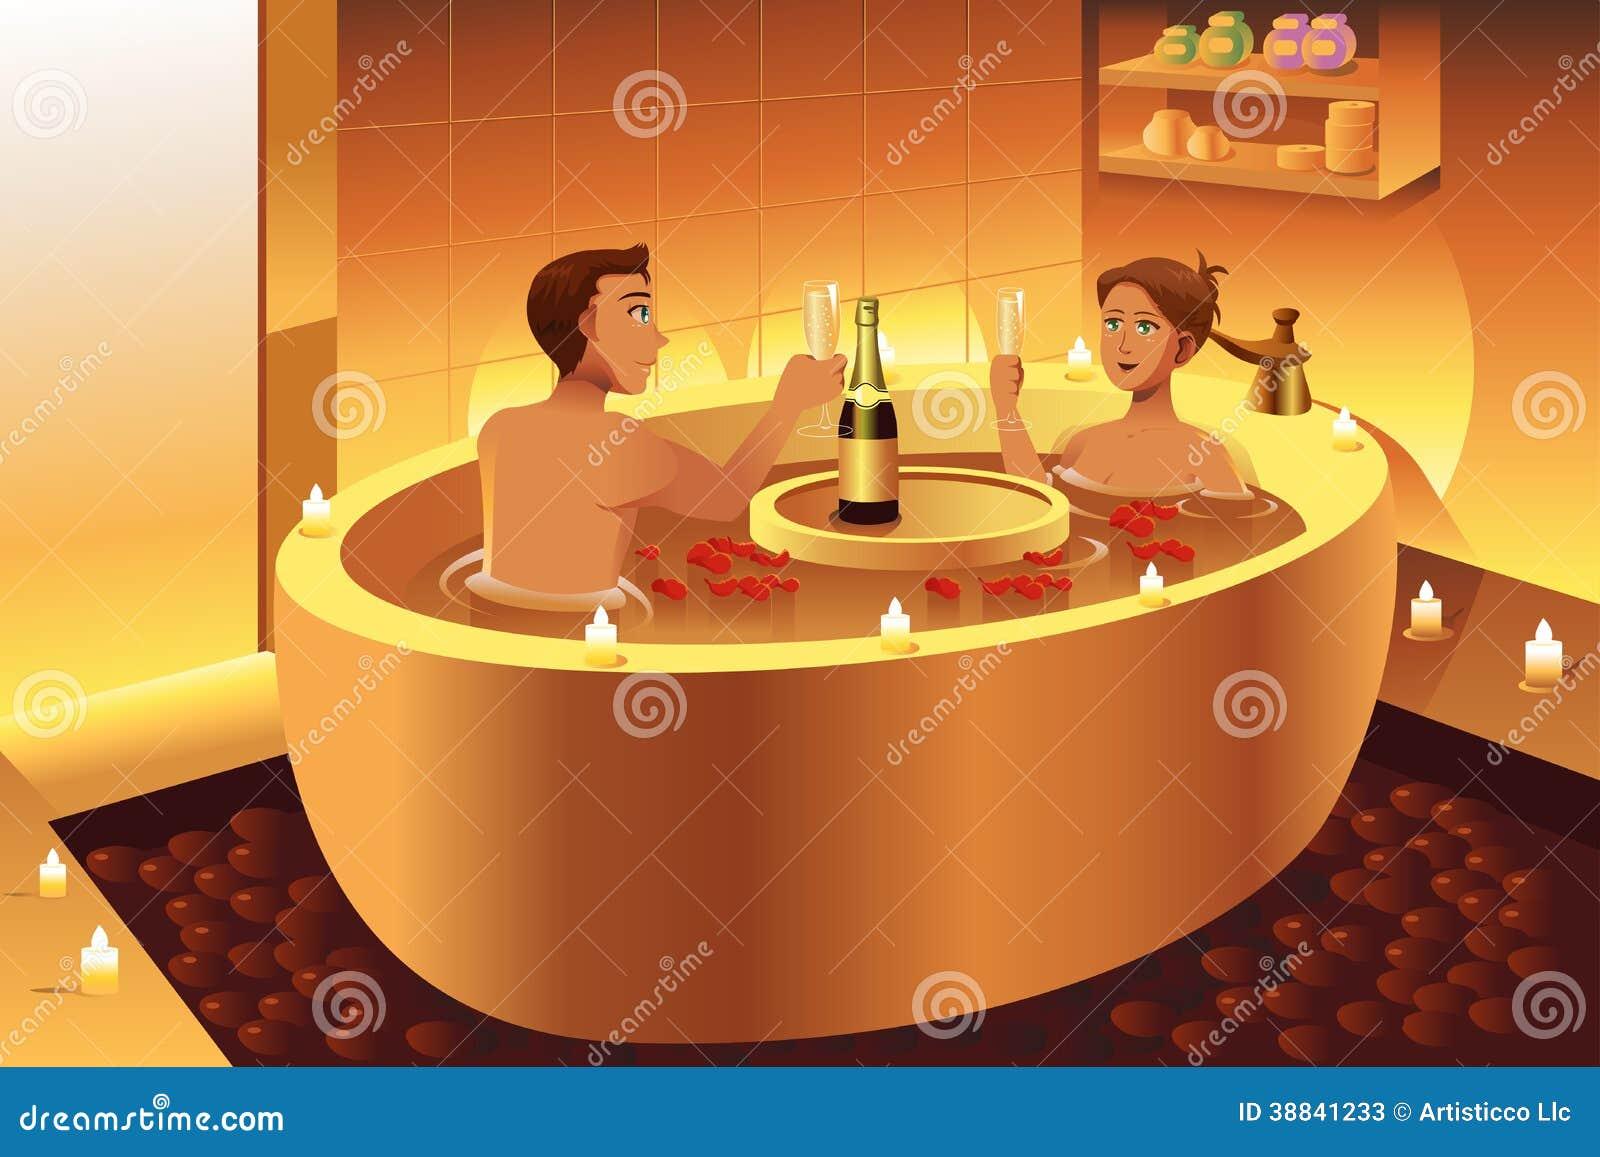 Vasca Da Bagno Romantica : Coppie che godono di un bagno romantico illustrazione vettoriale